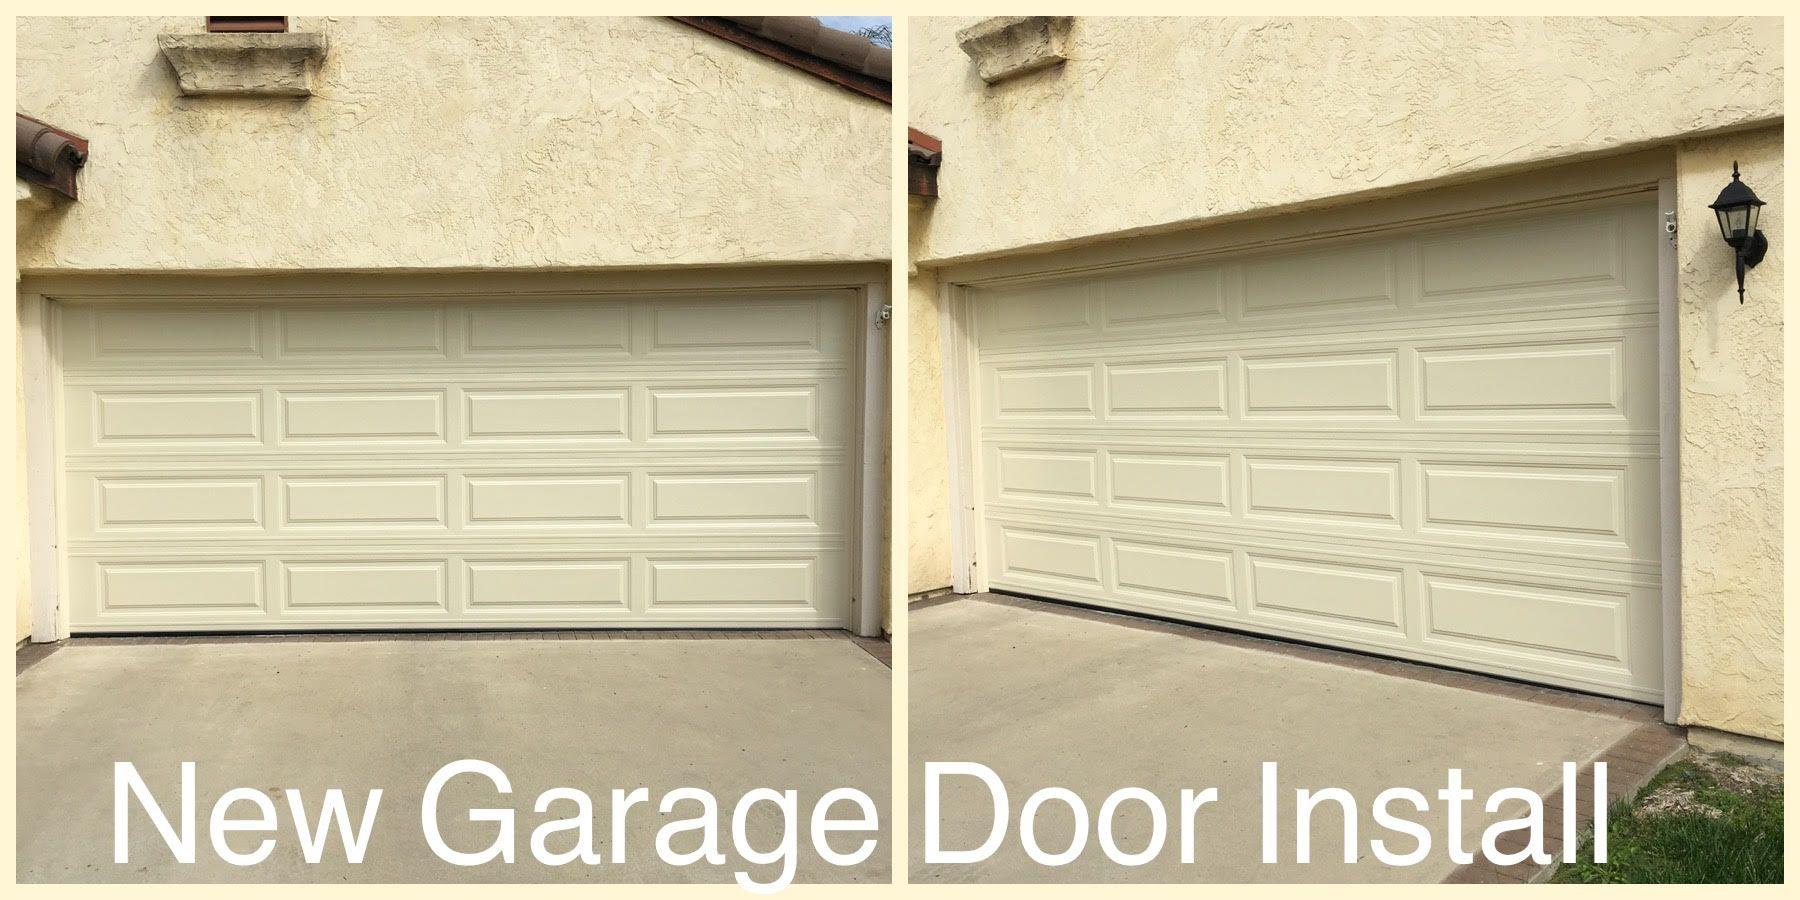 New Garage Door Installed In San Diego Ca Call Rockstar Garage